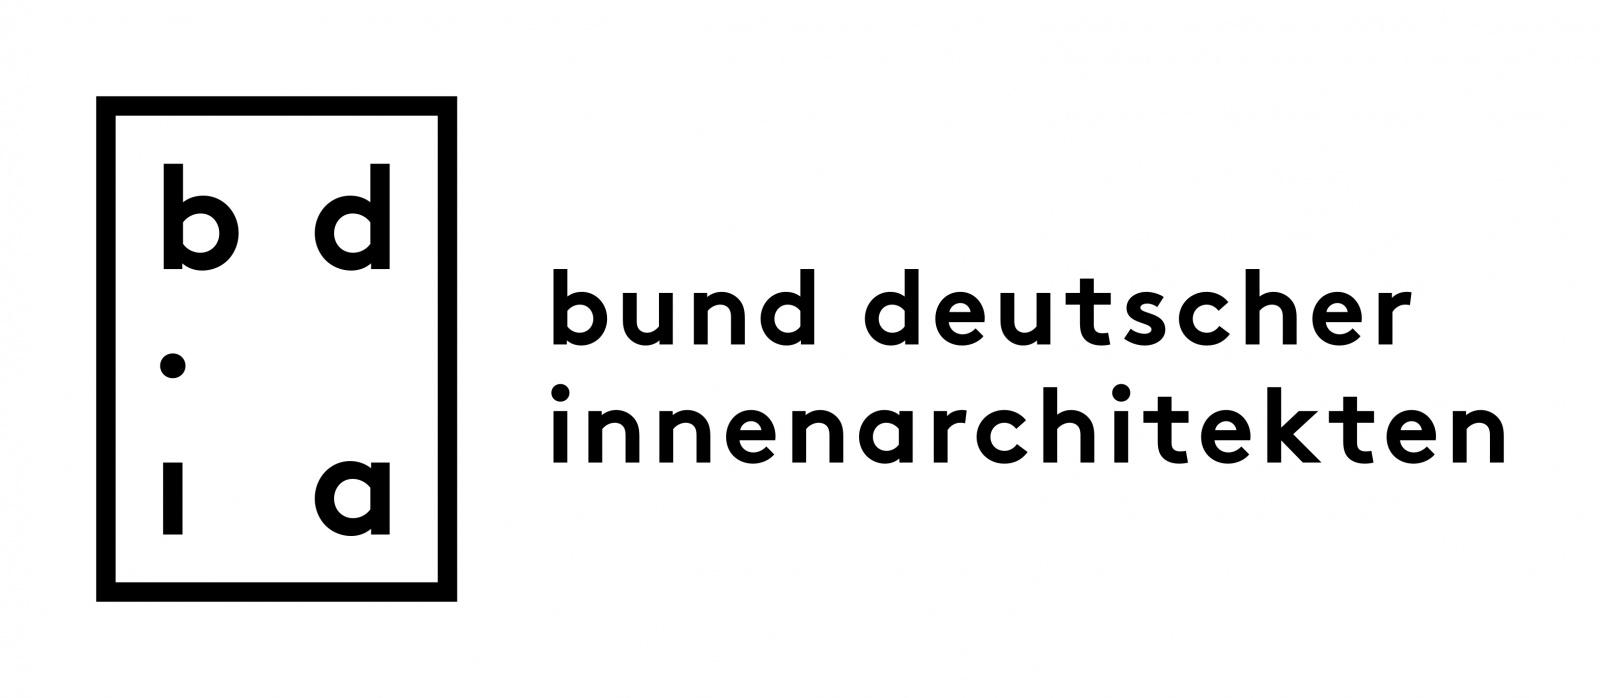 bdia Logo   bund deutscher innenarchitekten bdia